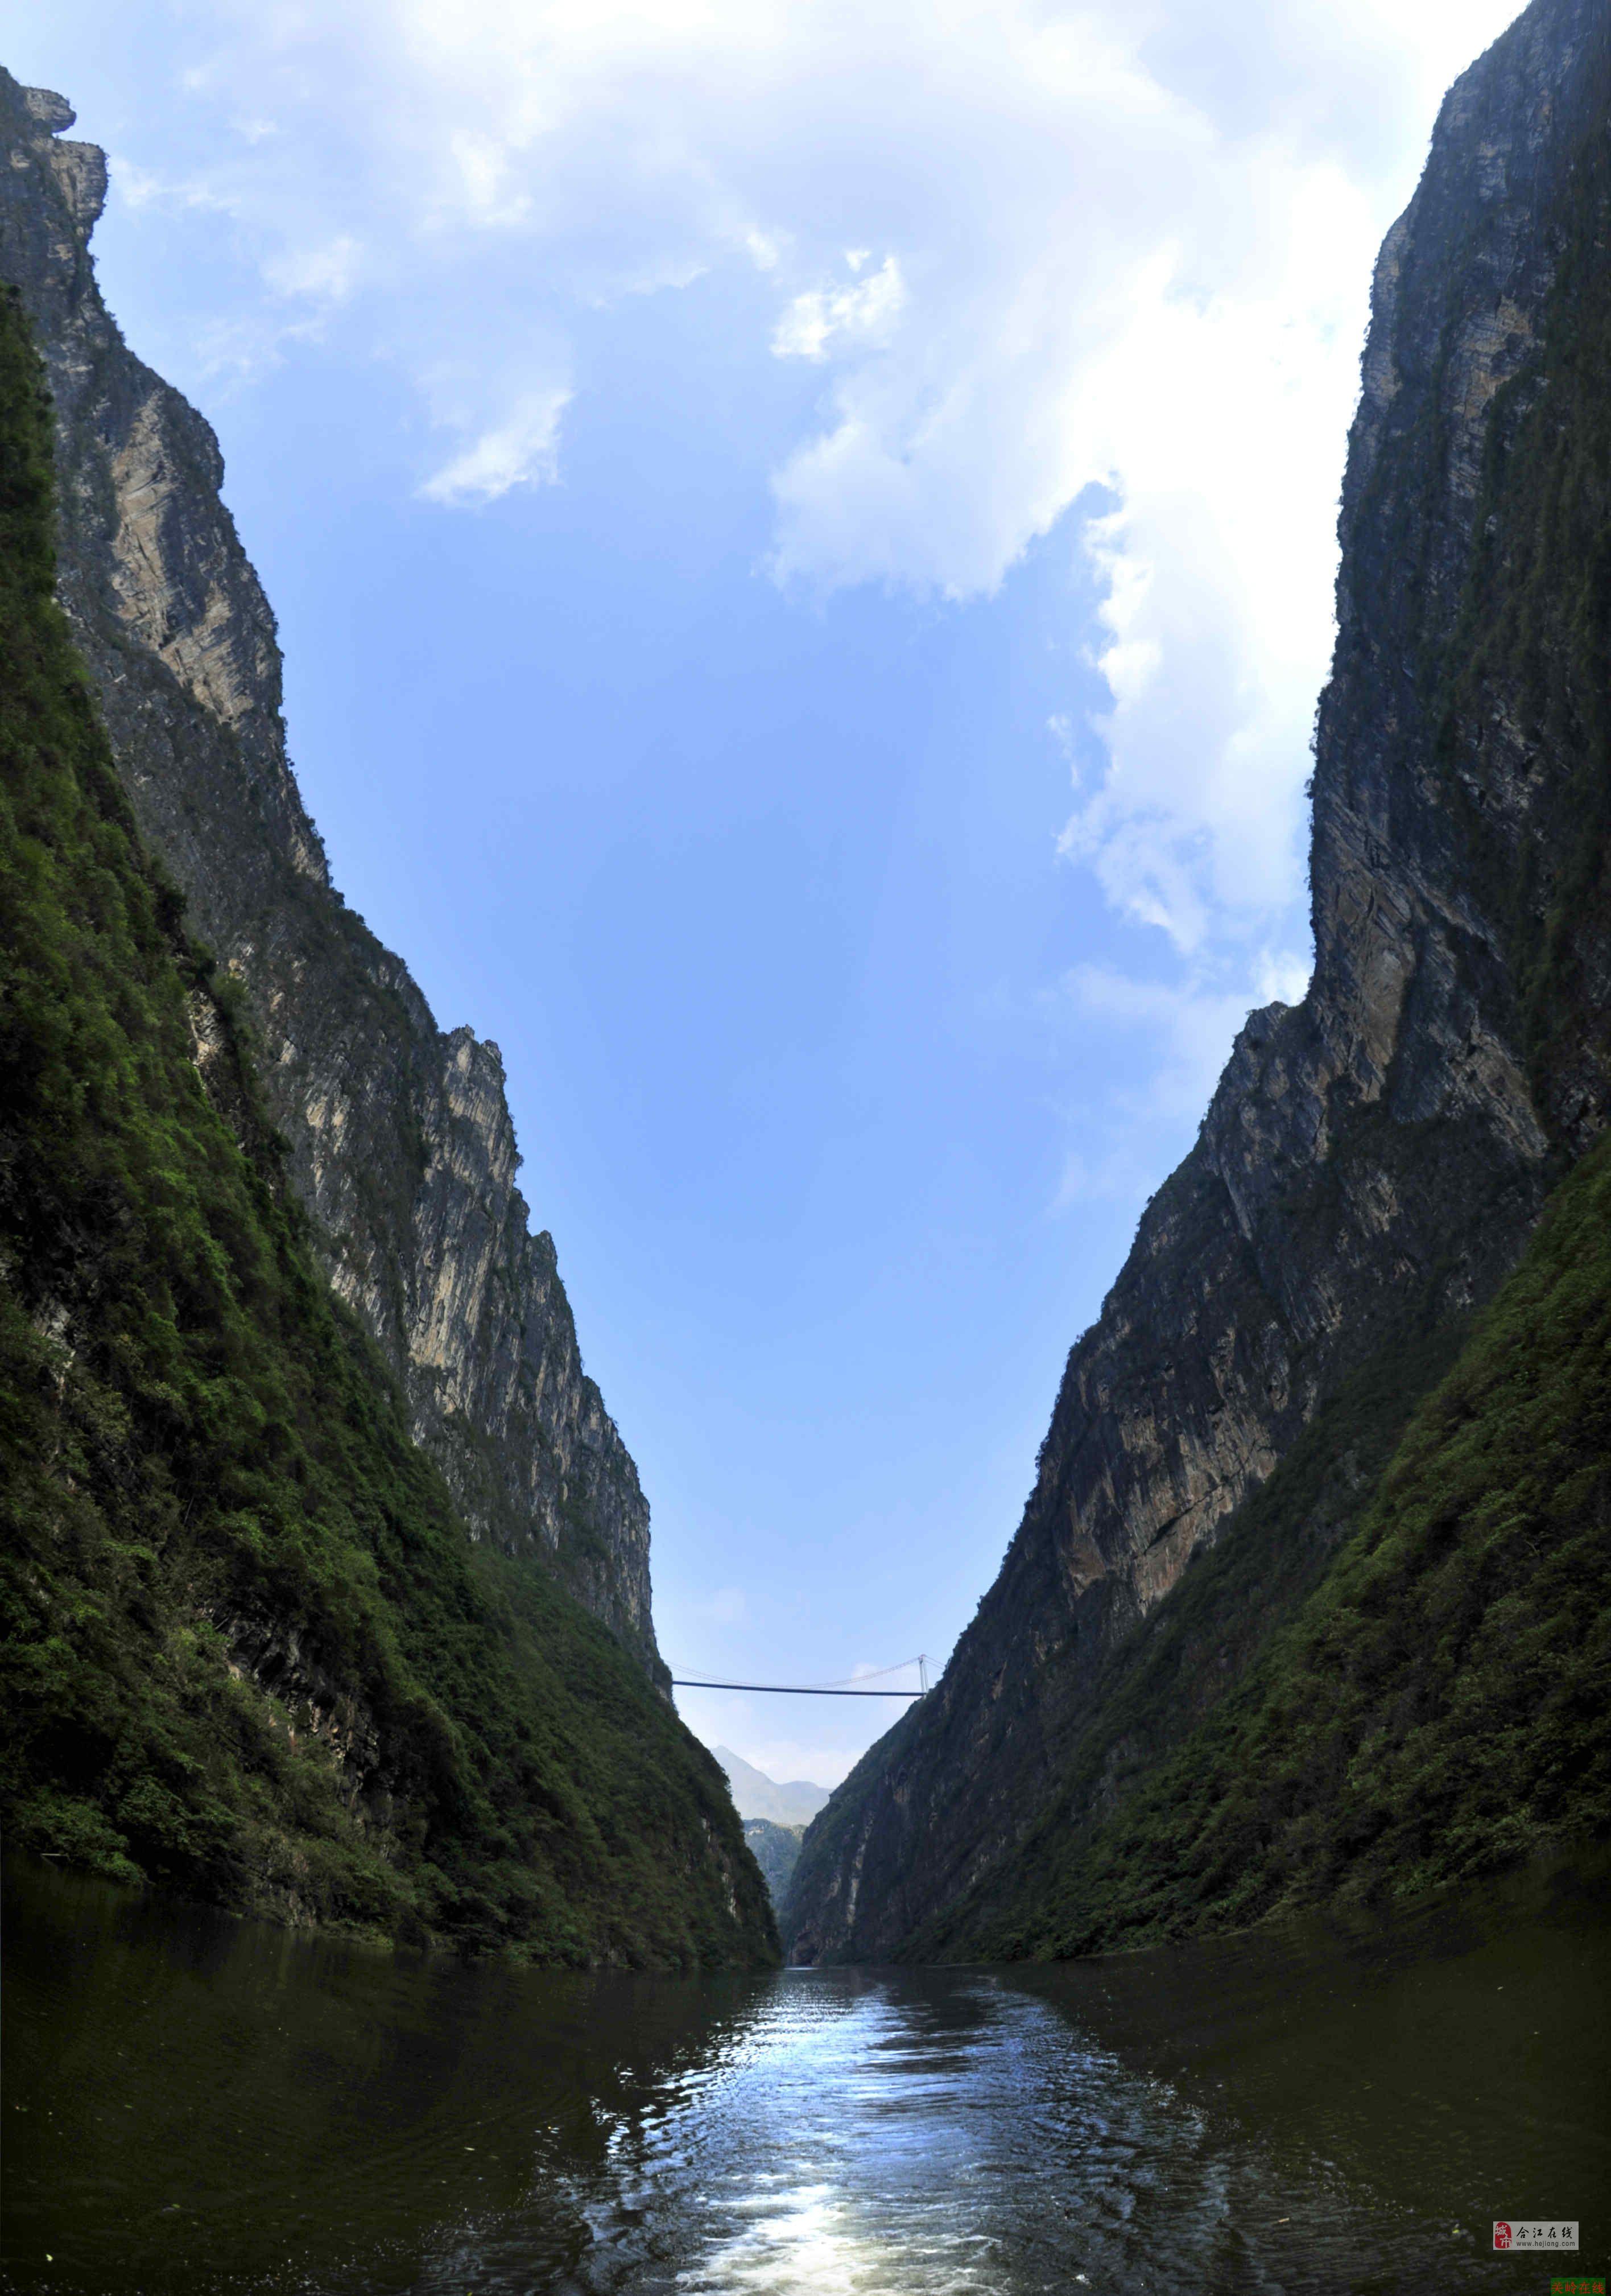 描述:中国贵州关岭花江大峡谷风光之一.jpg